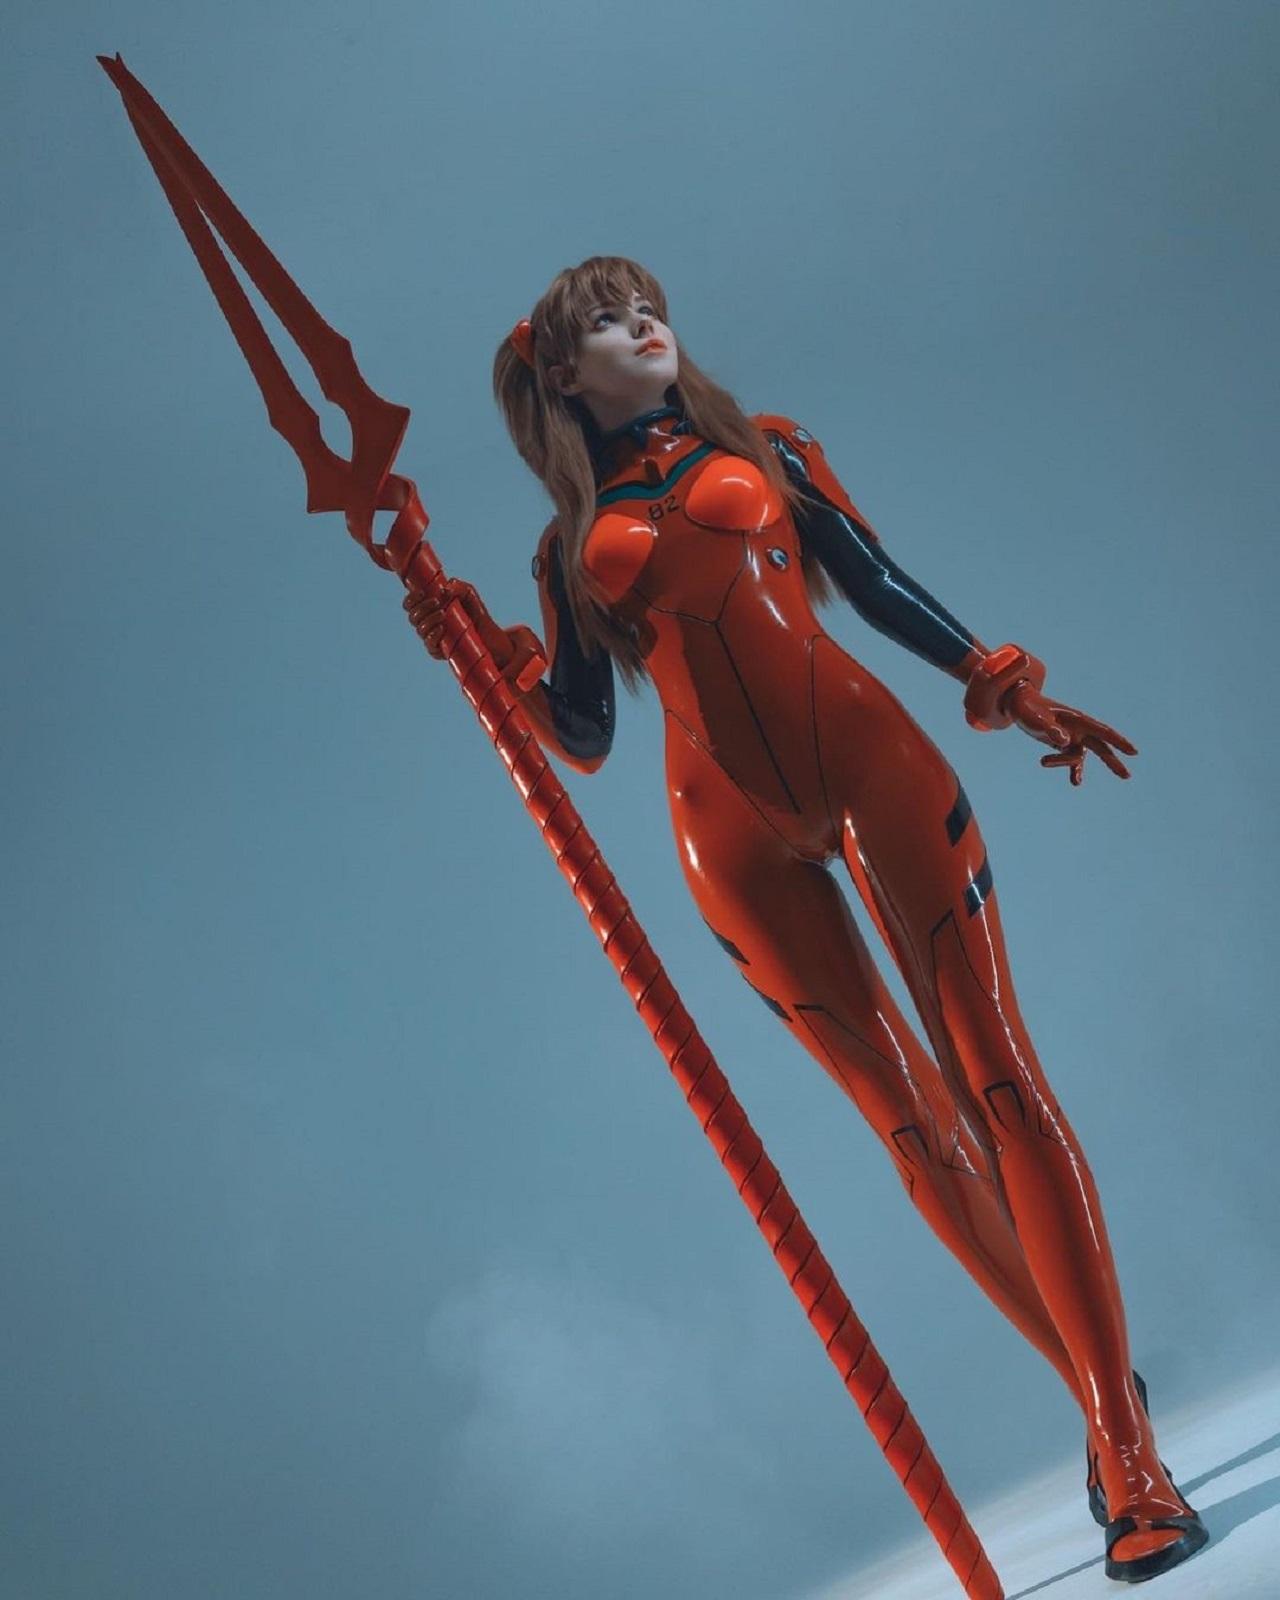 Evangelion Asuka Langley cosplay traje de batalla